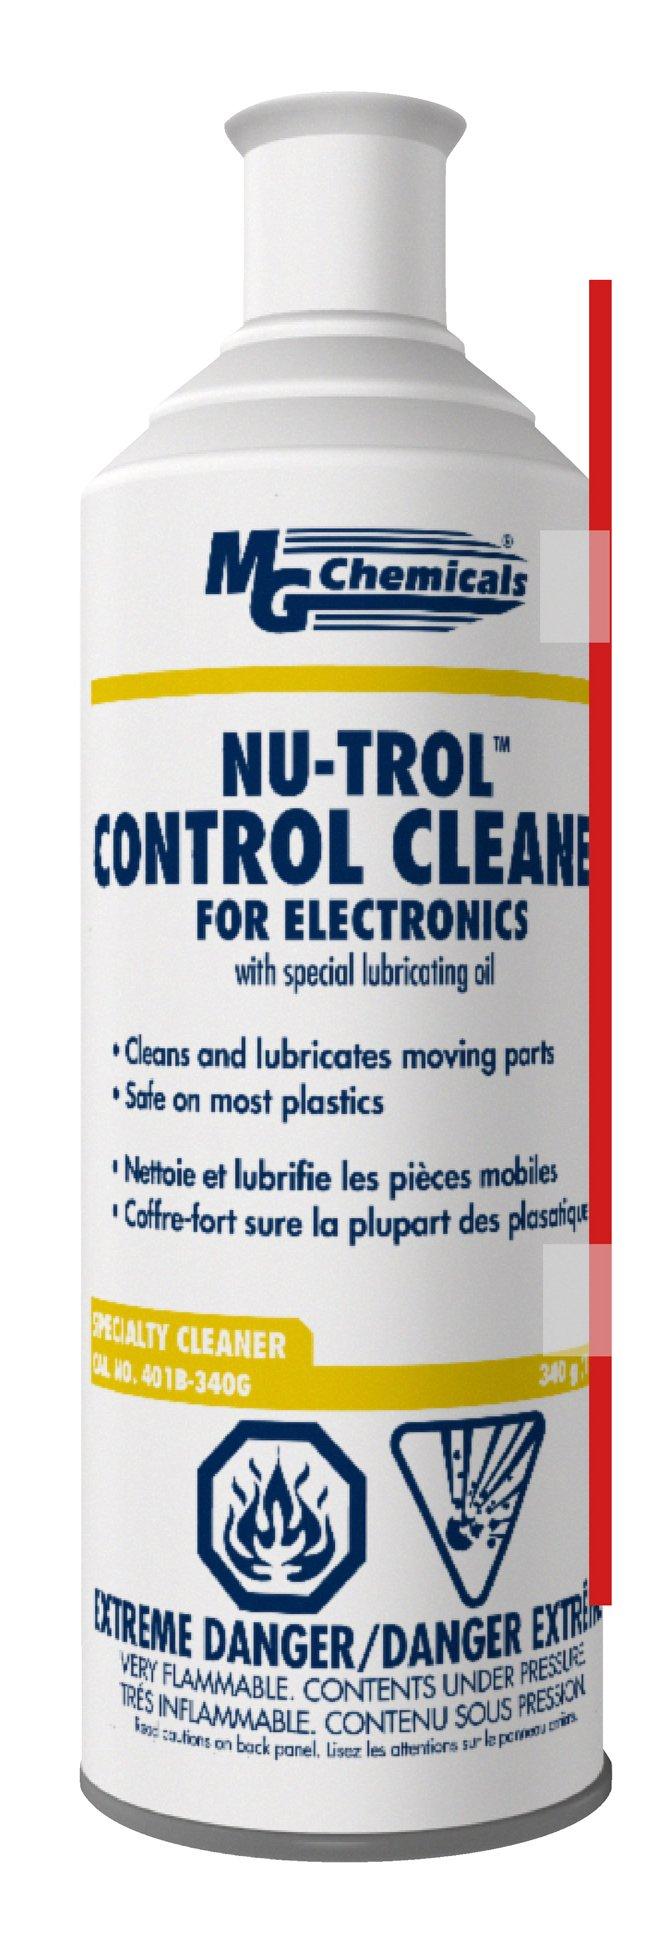 MG Chemicals 401B Nutrol Control Cleaner, 340g (12 oz) Aerosol Can